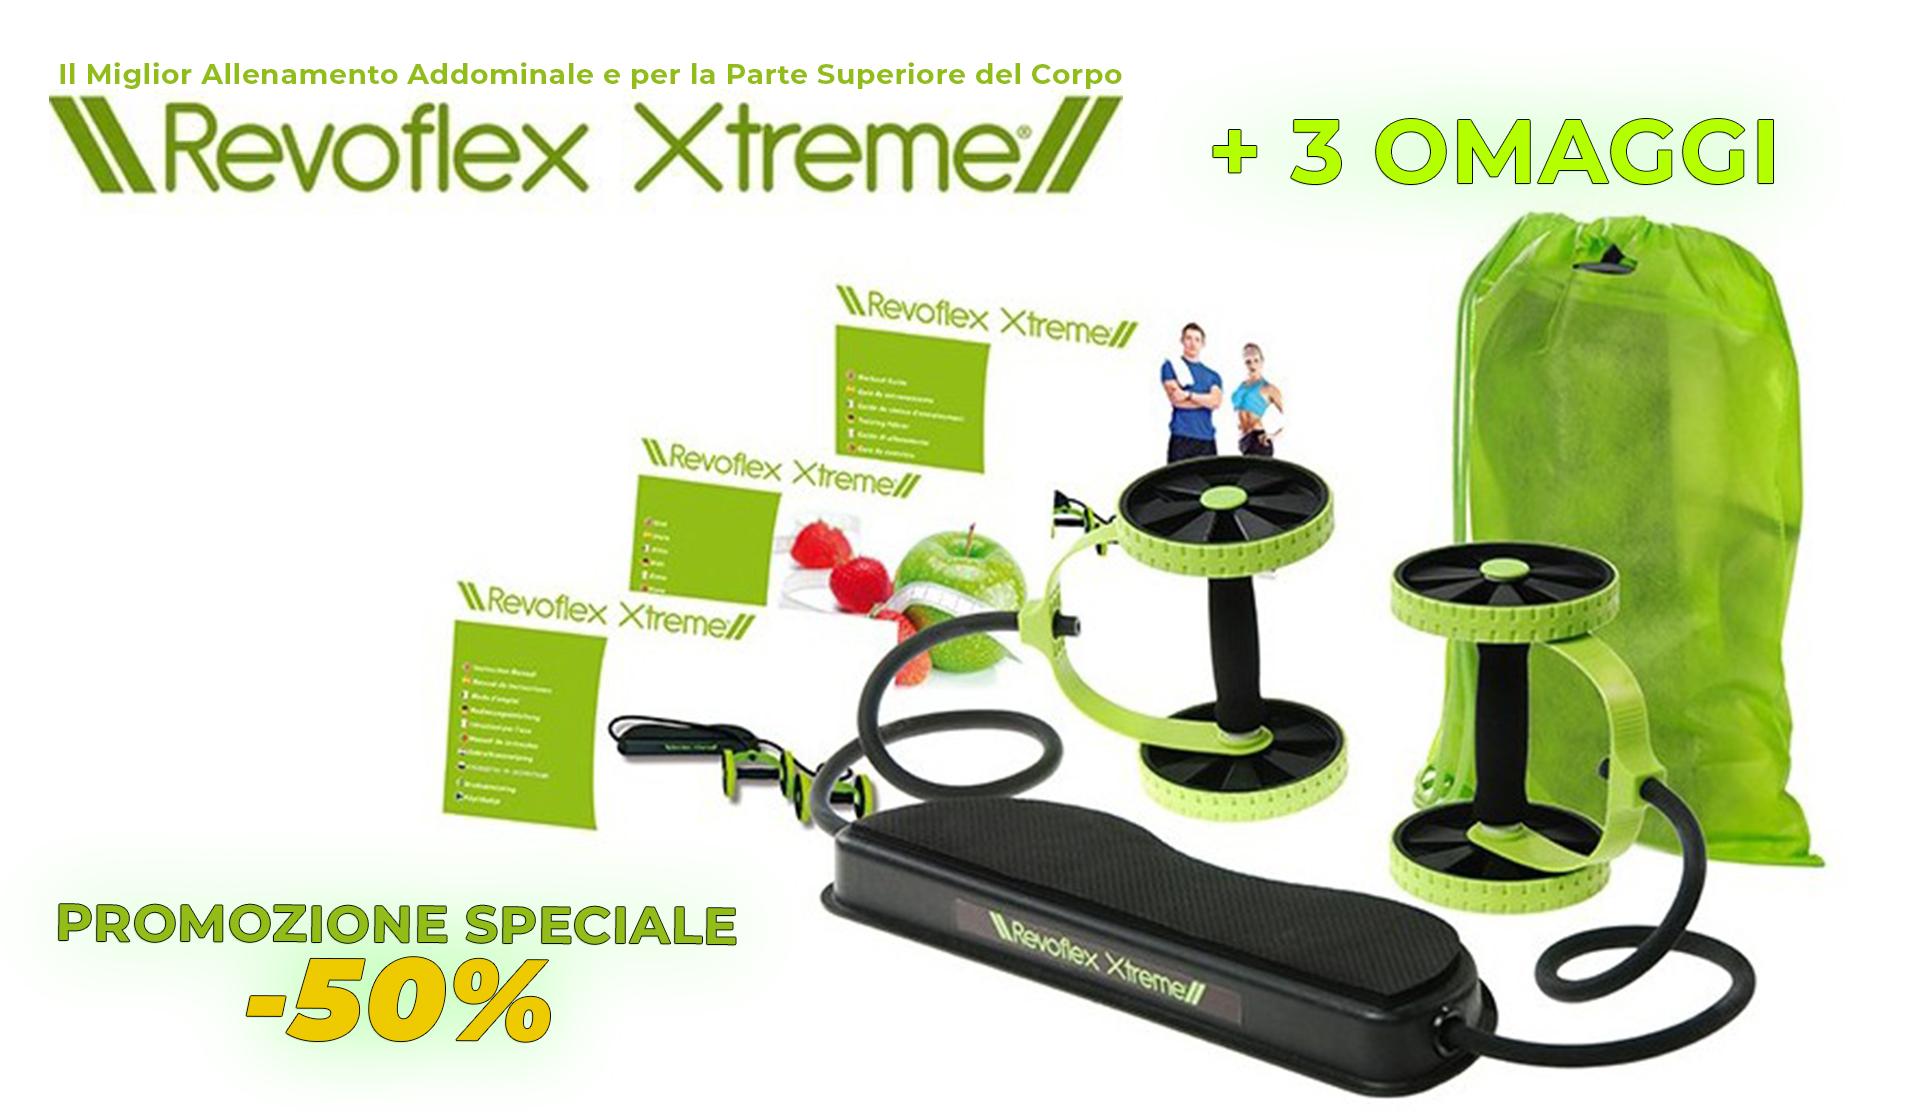 Revoflex Xtreme Il Miglior Allenamento Addominale e per la Parte Superiore del Corpo